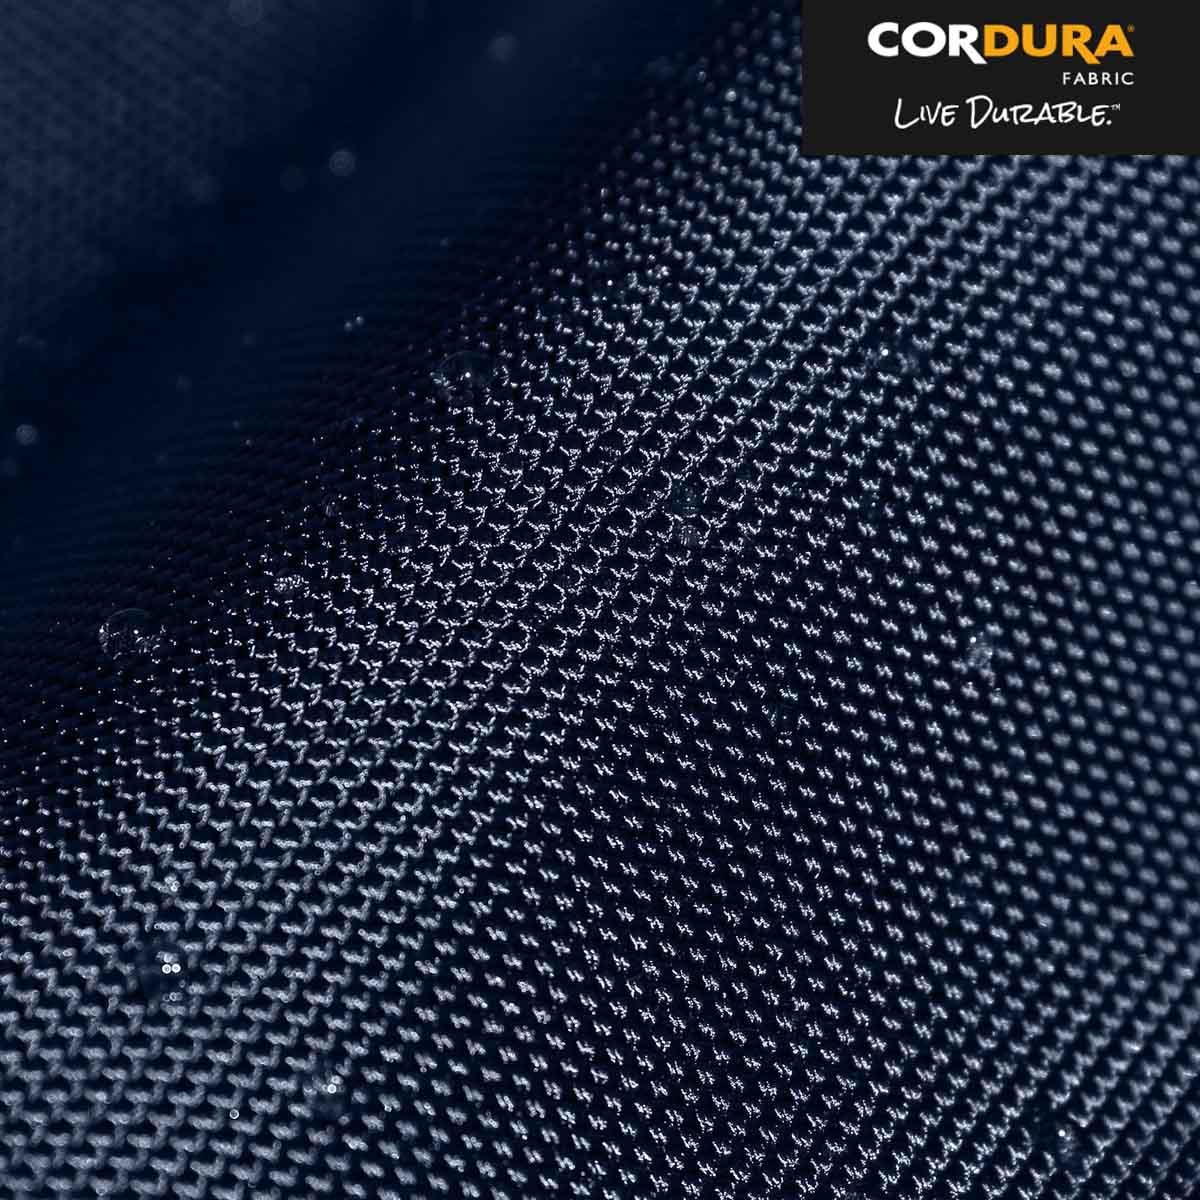 fabric_square_cordura_navy.JPG